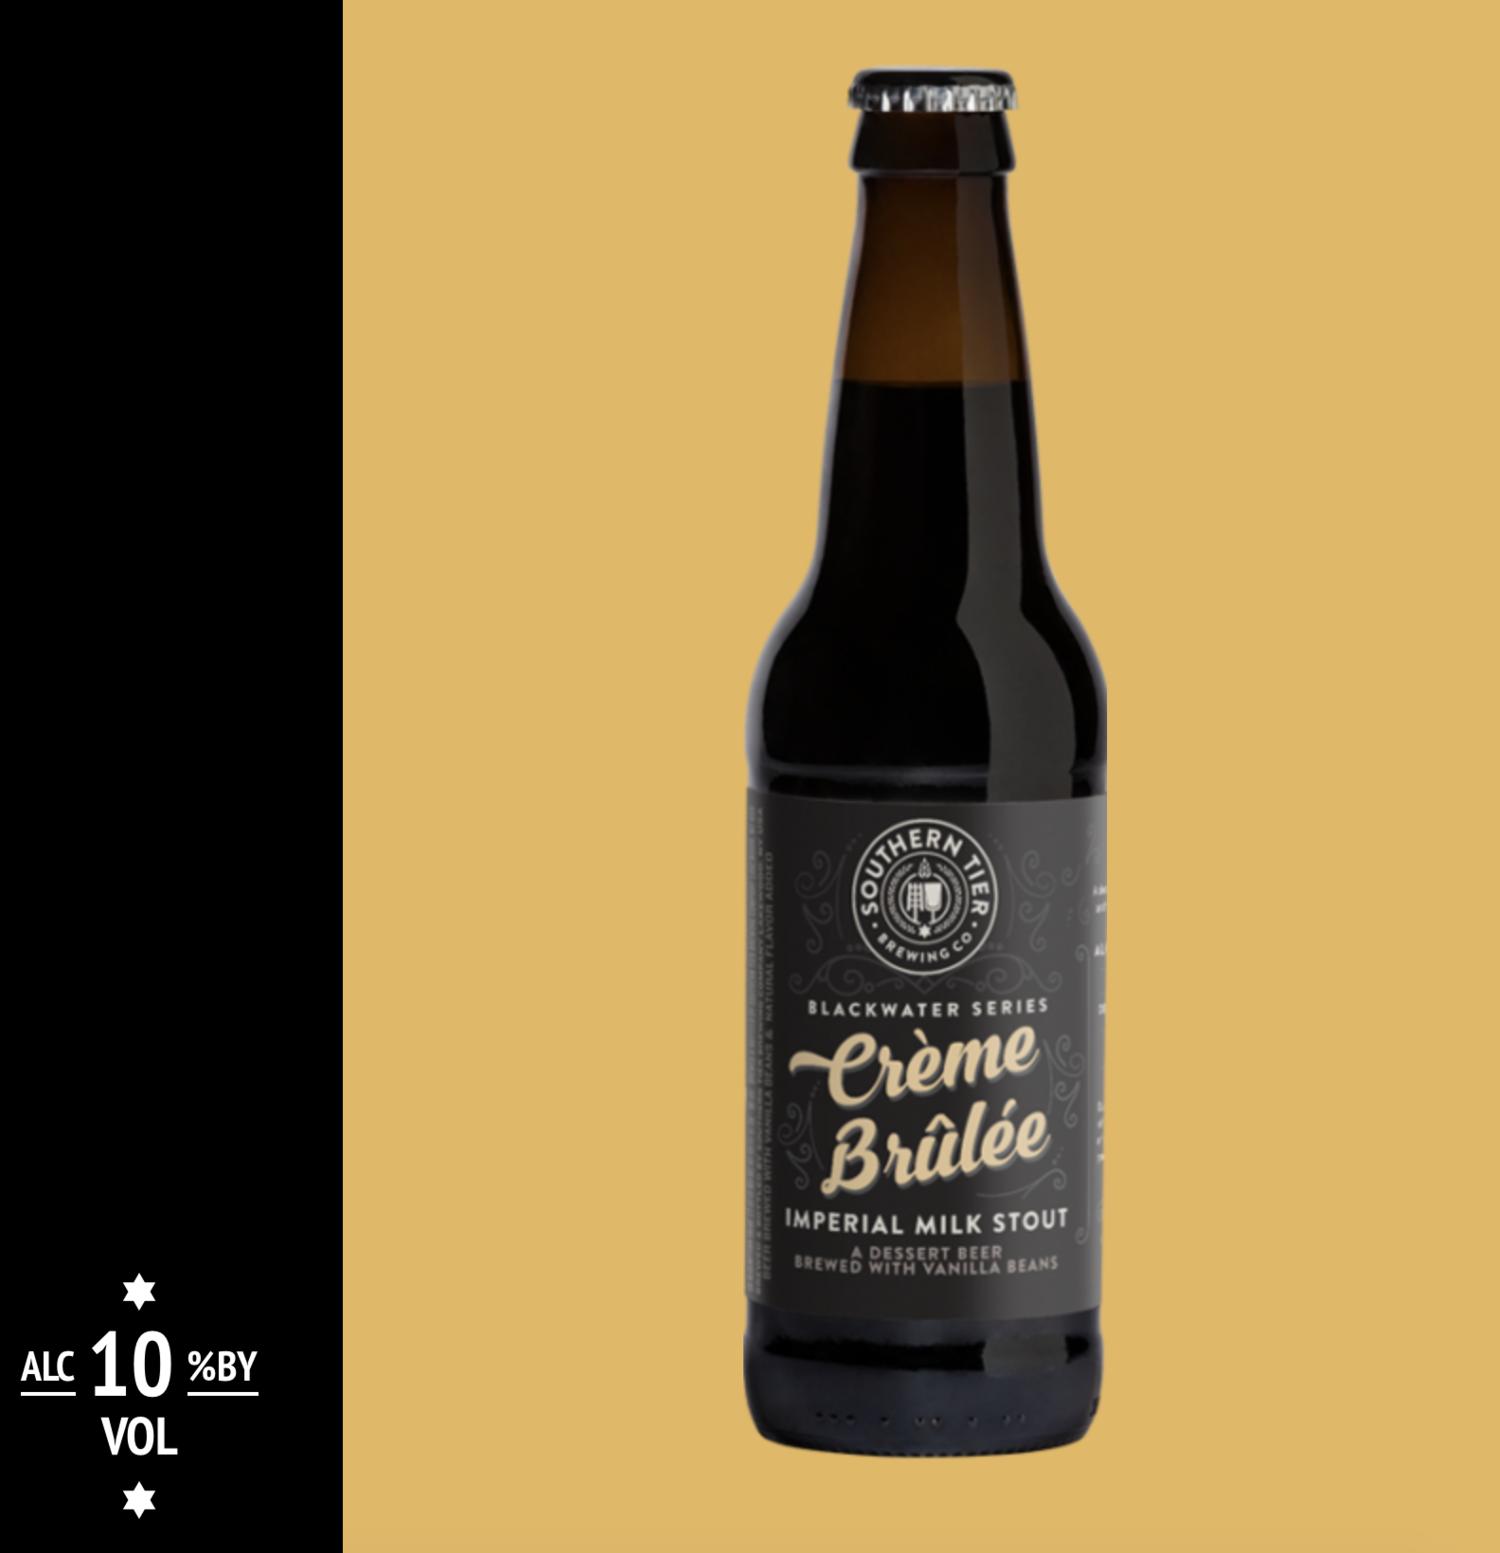 La cerveza de crème brûlée contiene todos los sabores dulces que se puedan imaginar.